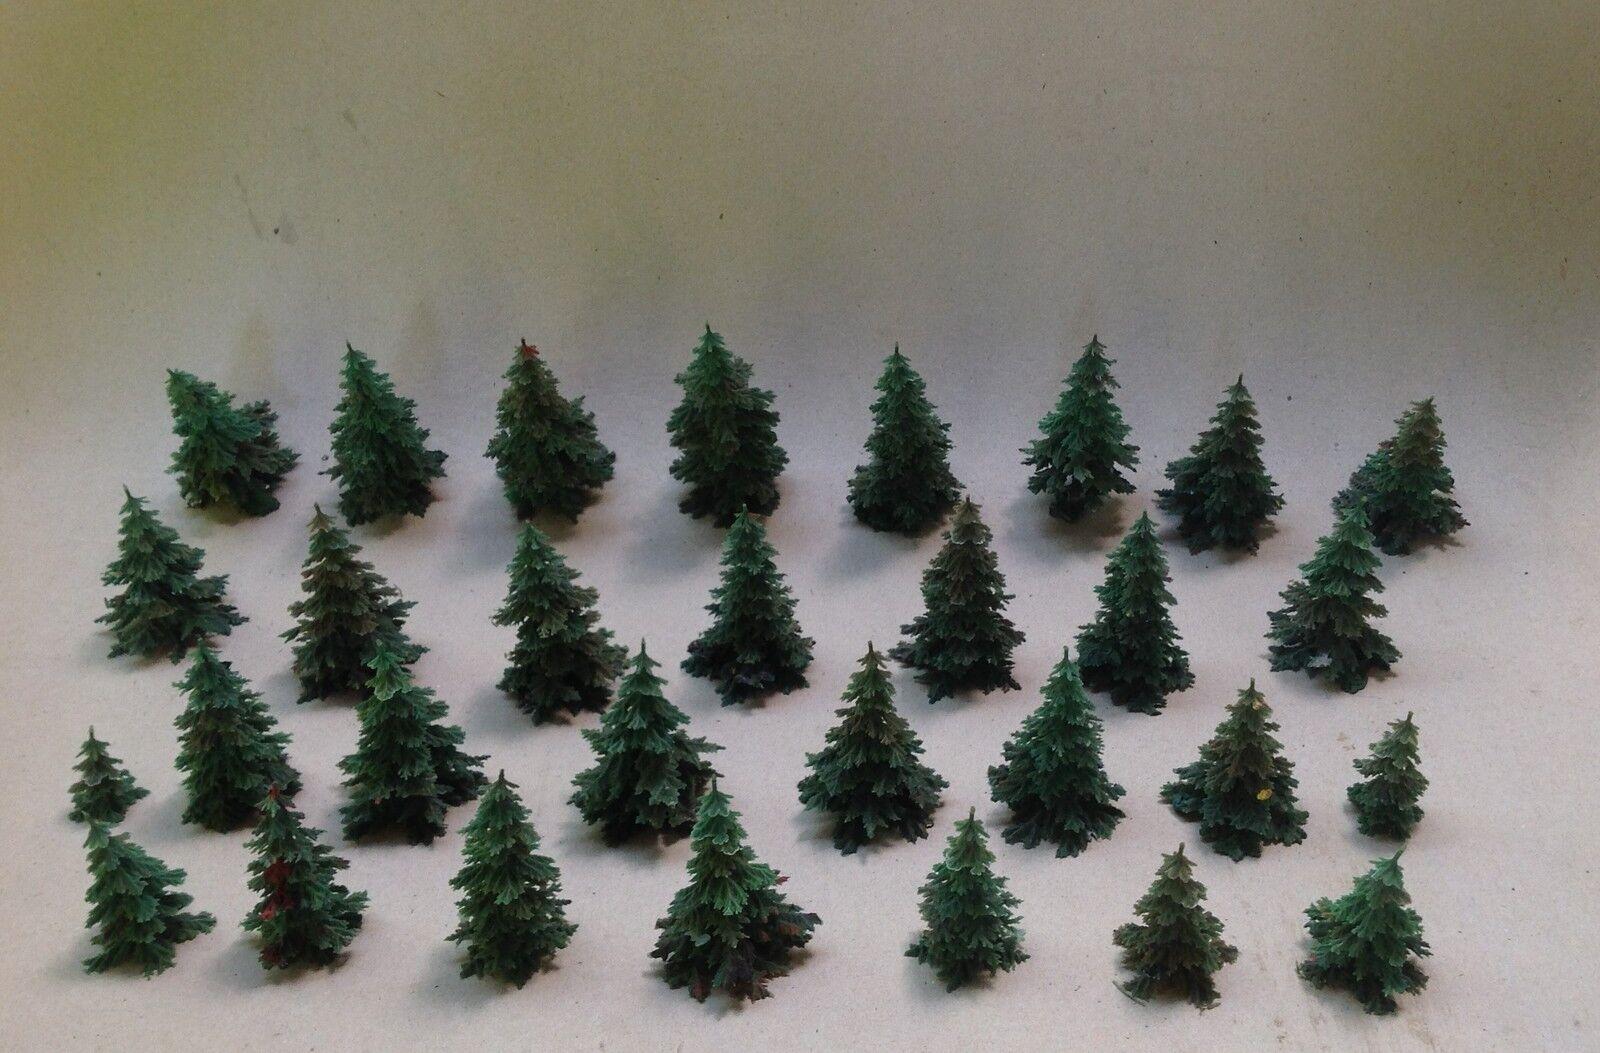 5  30x Busch & Co in plastica per albero modello ferroviario traccia ho/00 Elastolin lineol